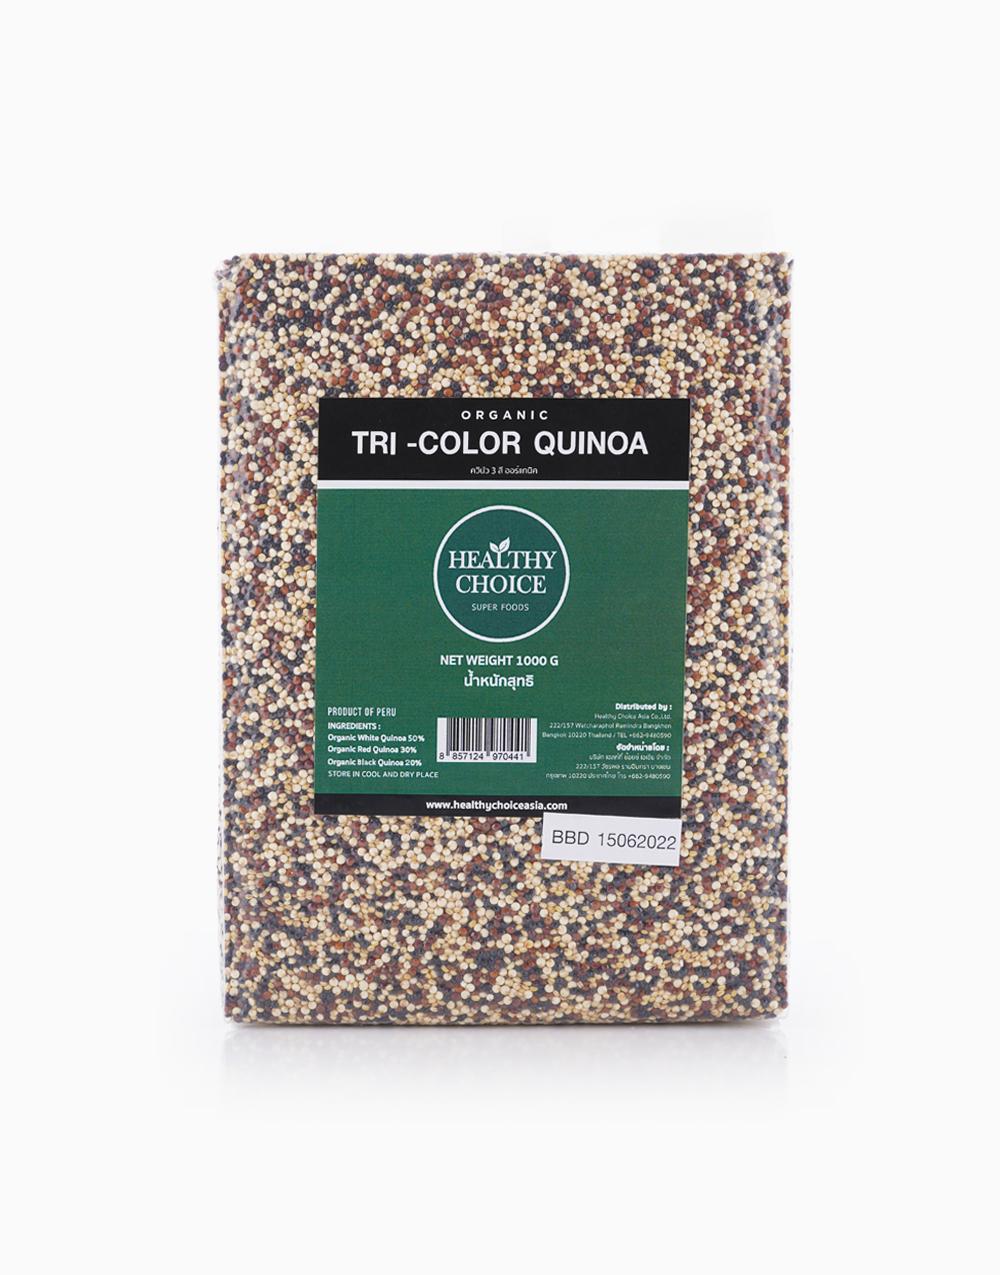 Tri-Color Quinoa (1kg) by Healthy Choice PH